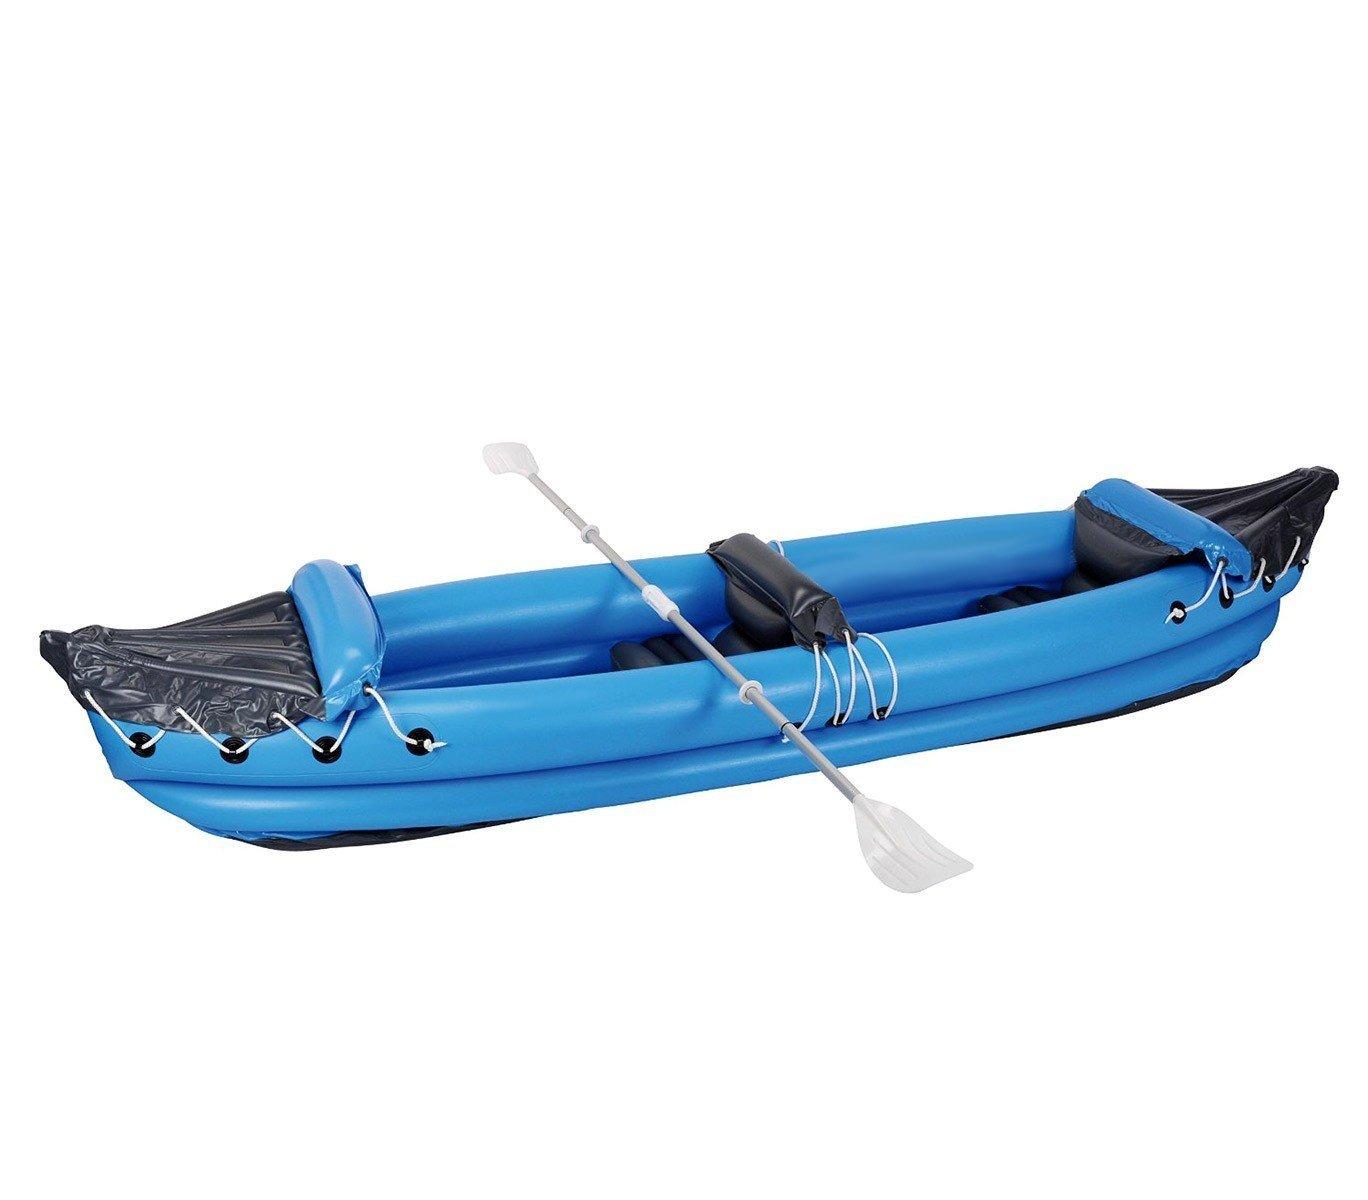 Kayak hinchable biplaza (1 adulto + 1 niño) en varios colores 320x70cm - Azul